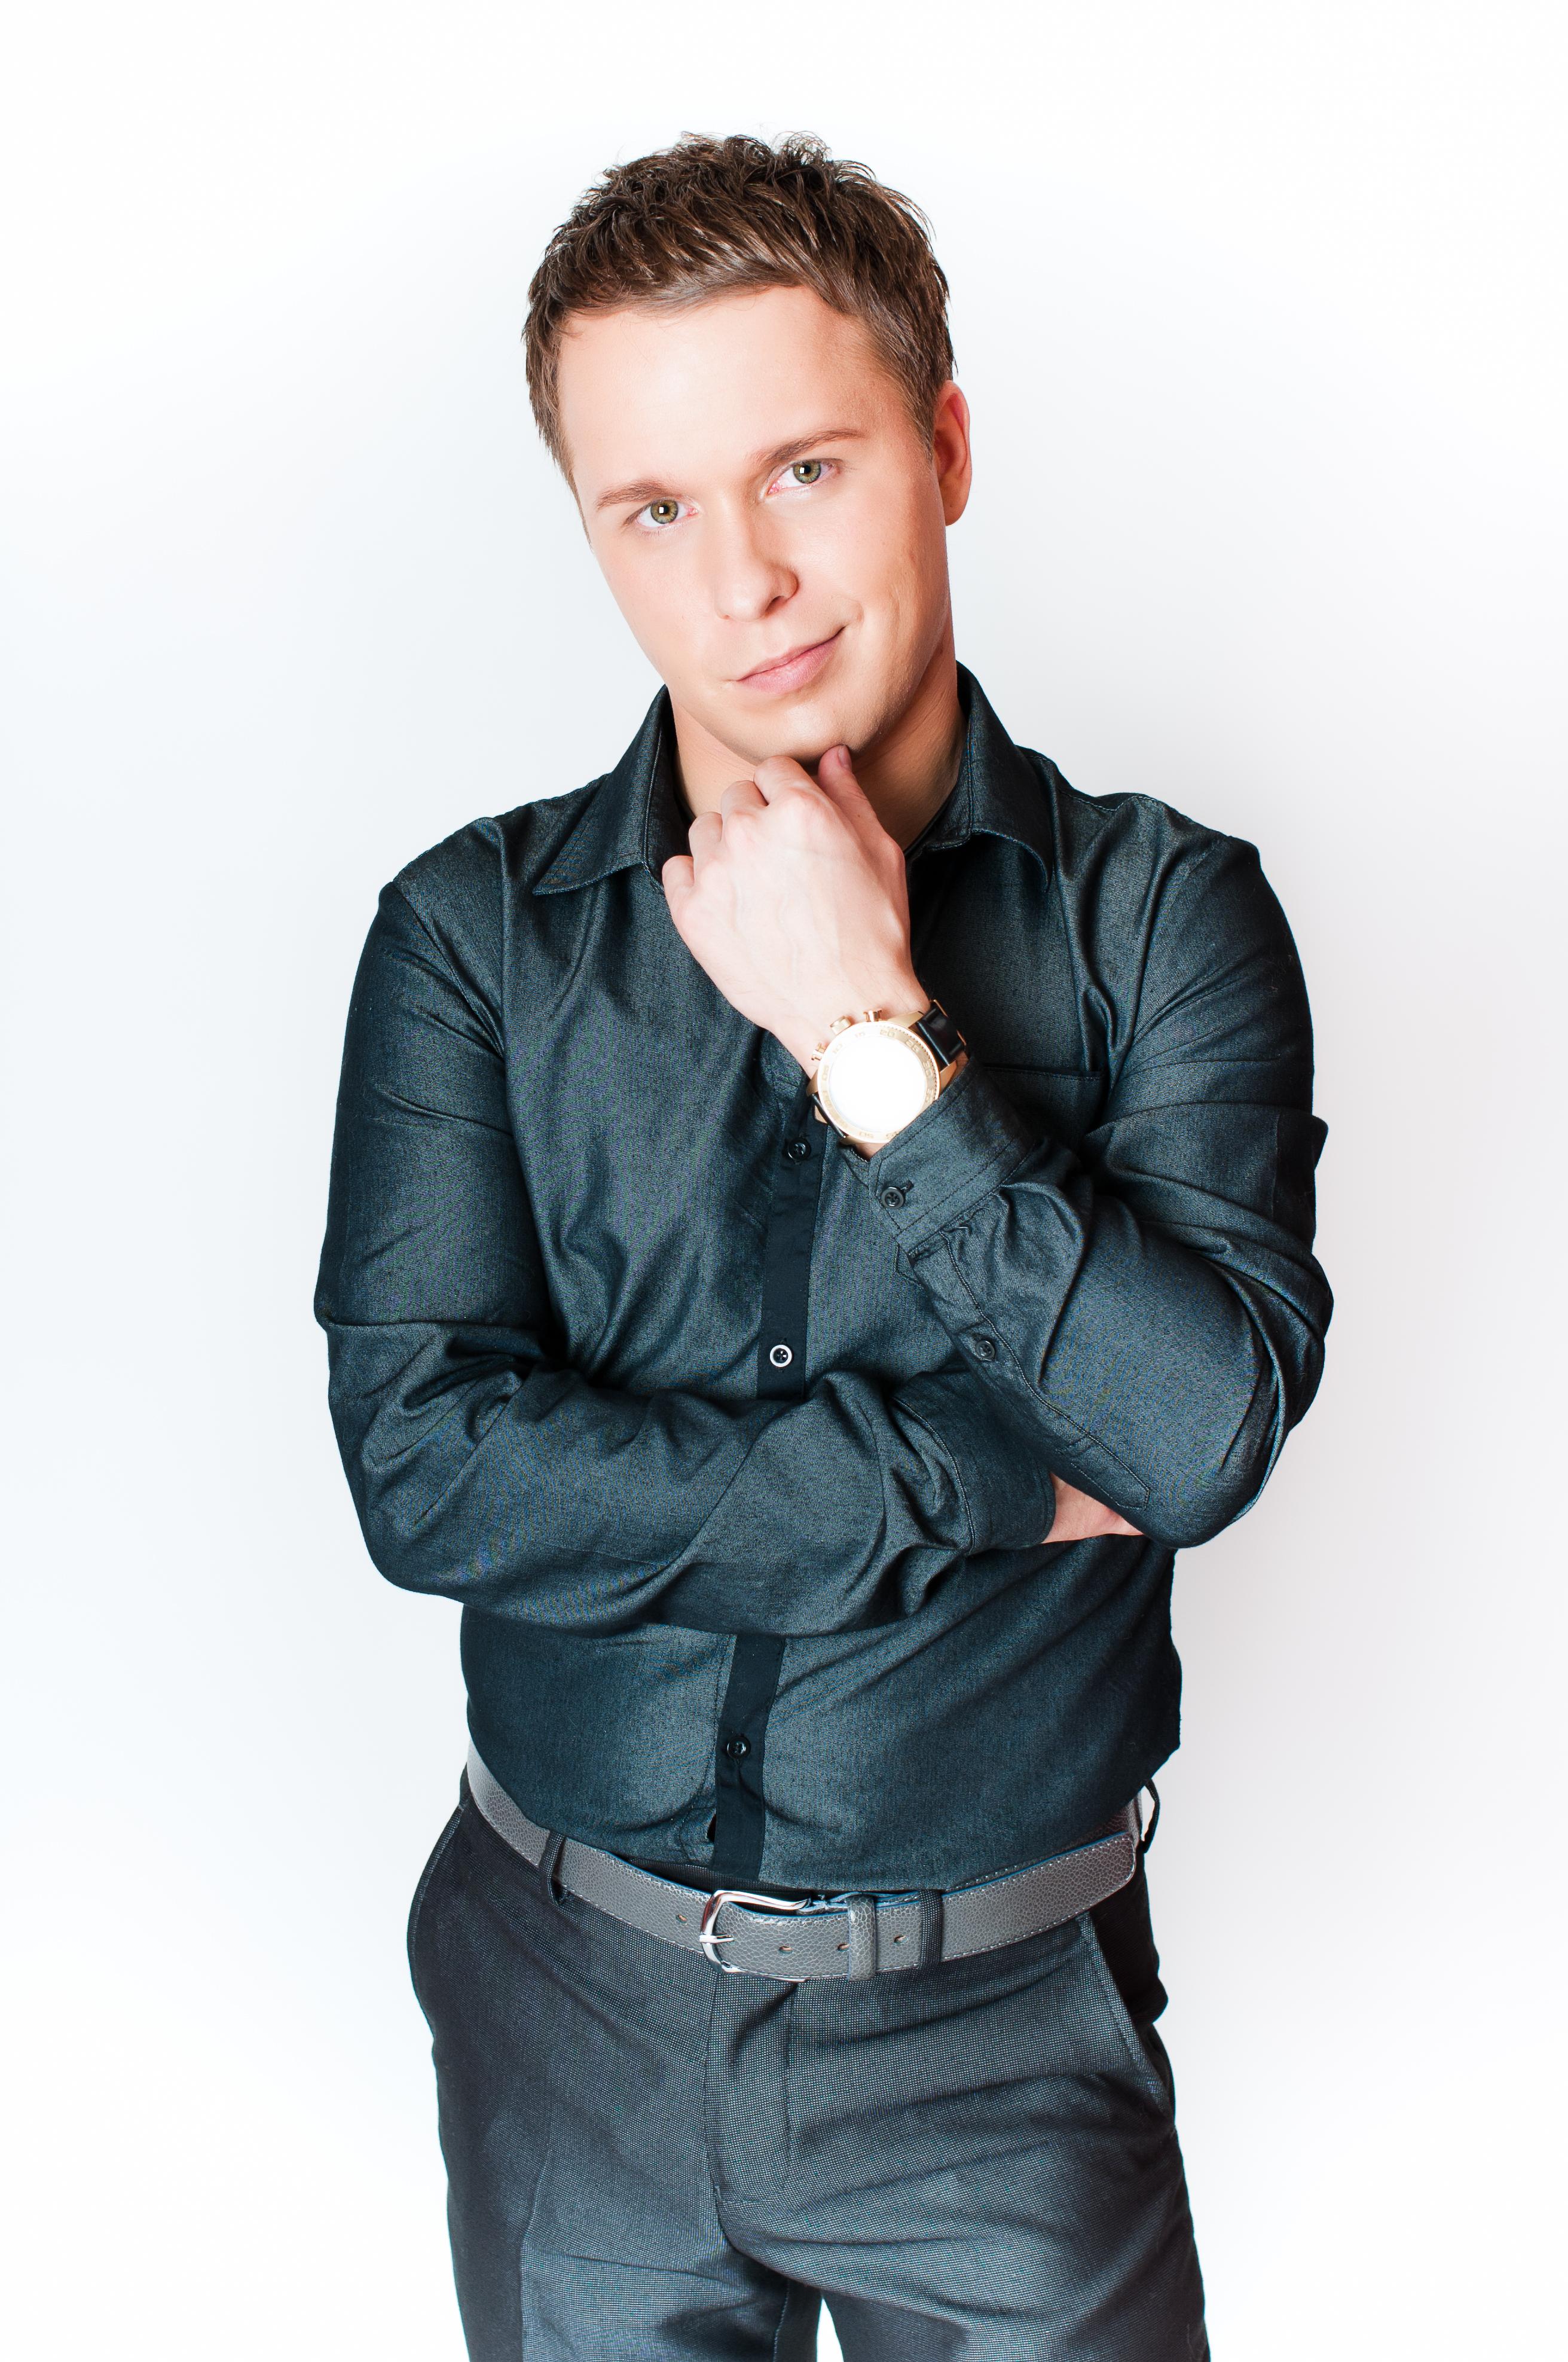 Евгений Холмский | Evgenii Kholmskii